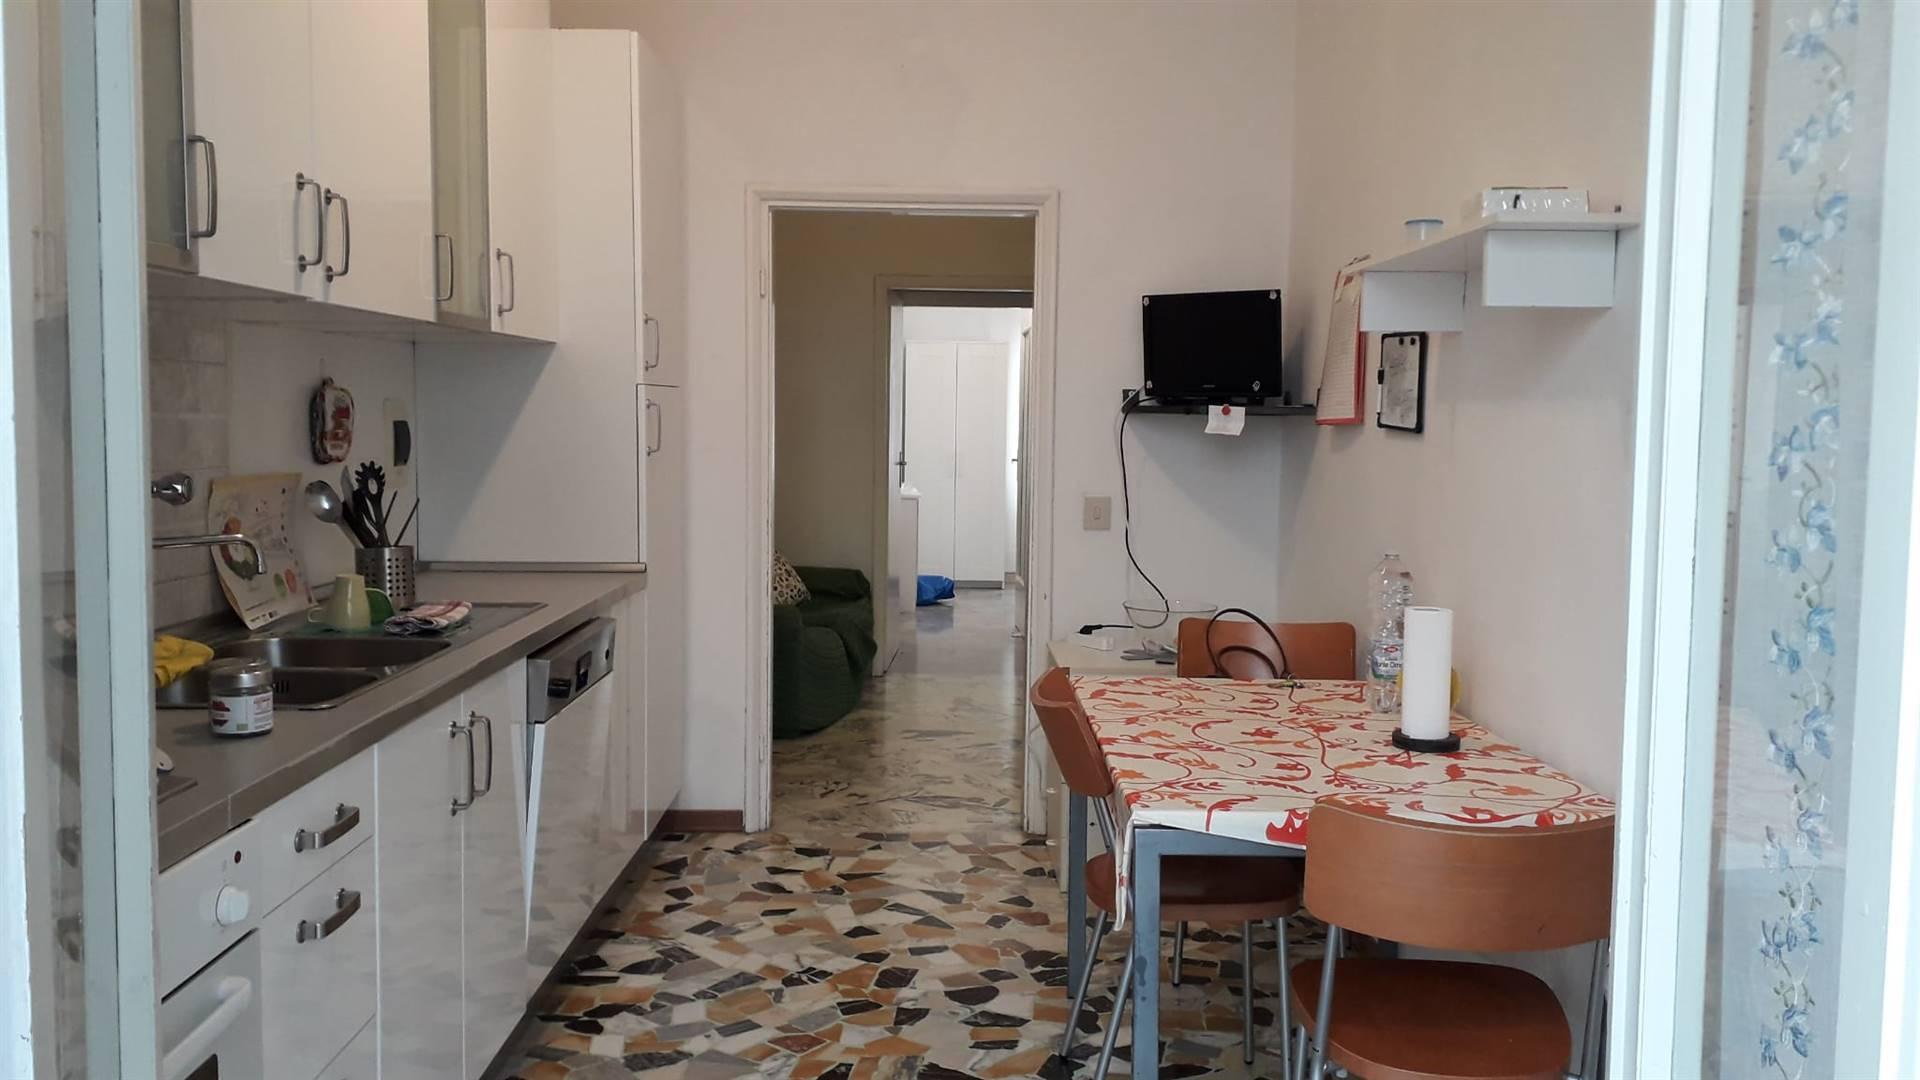 SAN IACOPINO, FIRENZE, Appartement des vendre de 71 Mq, Habitable, Chauffage Centralisé, Classe Énergétique: G, Epi: 217 kwh/m2 l'année, par terre